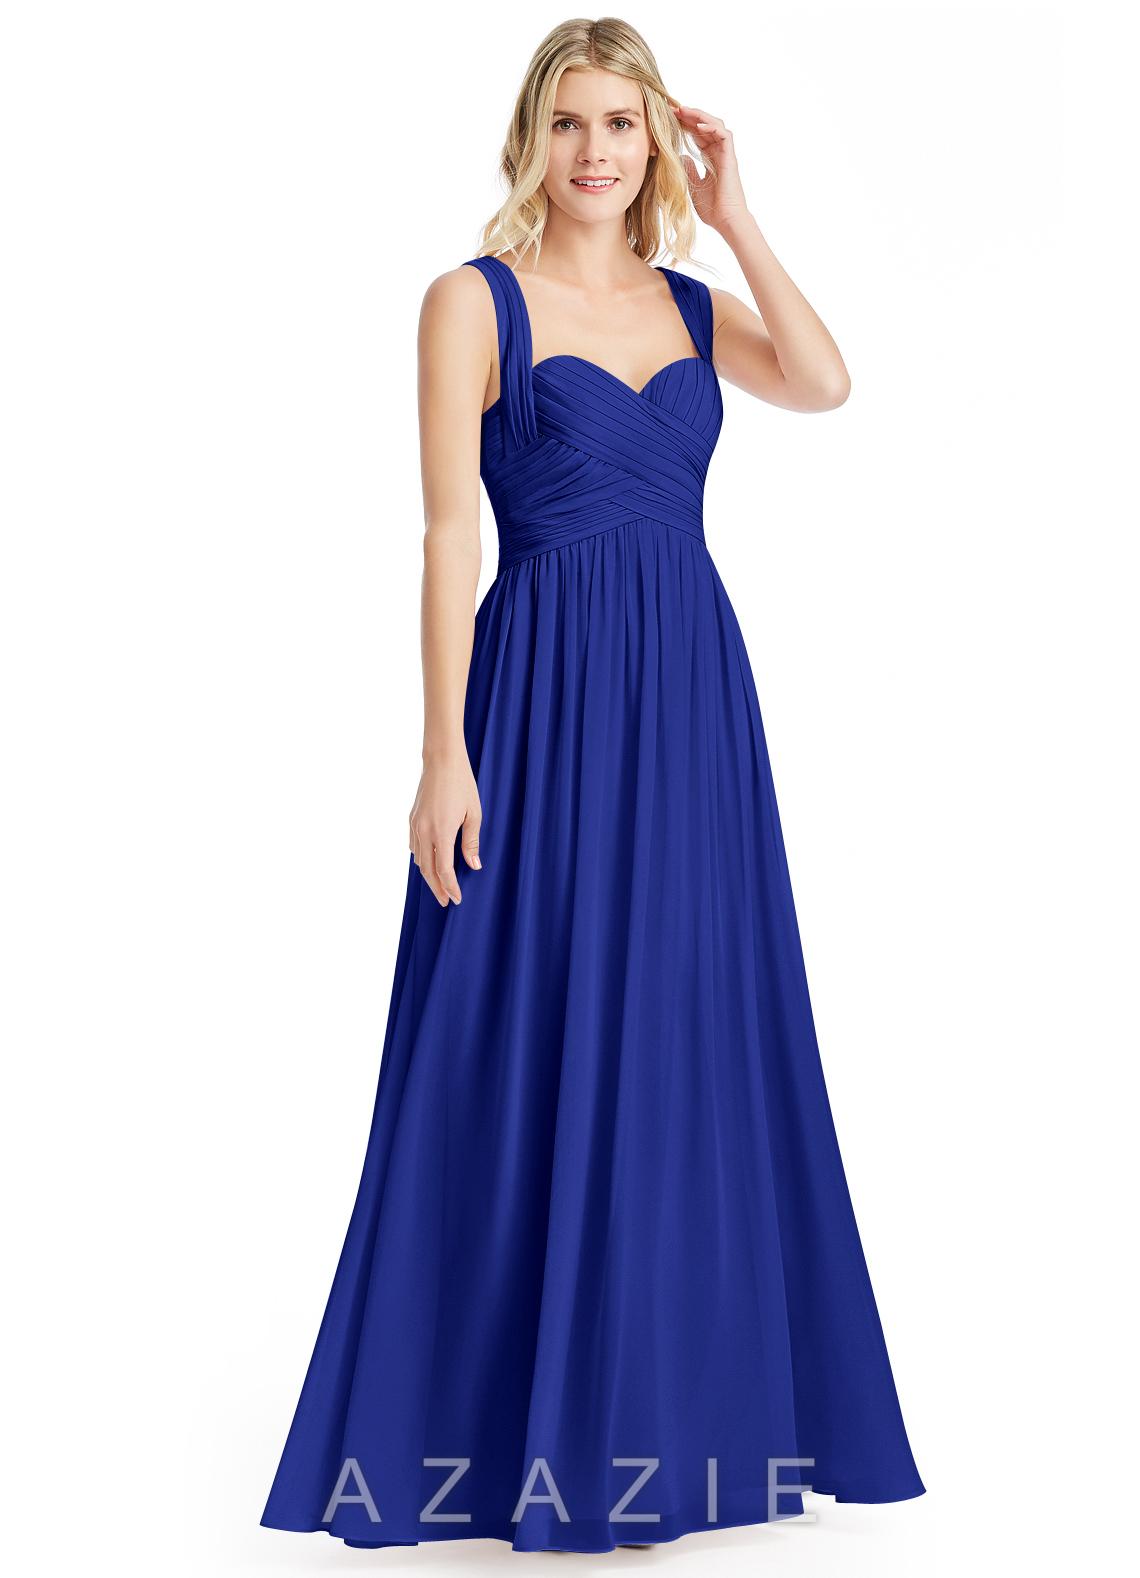 90139f9843f Azazie Cameron Bridesmaid Dresses